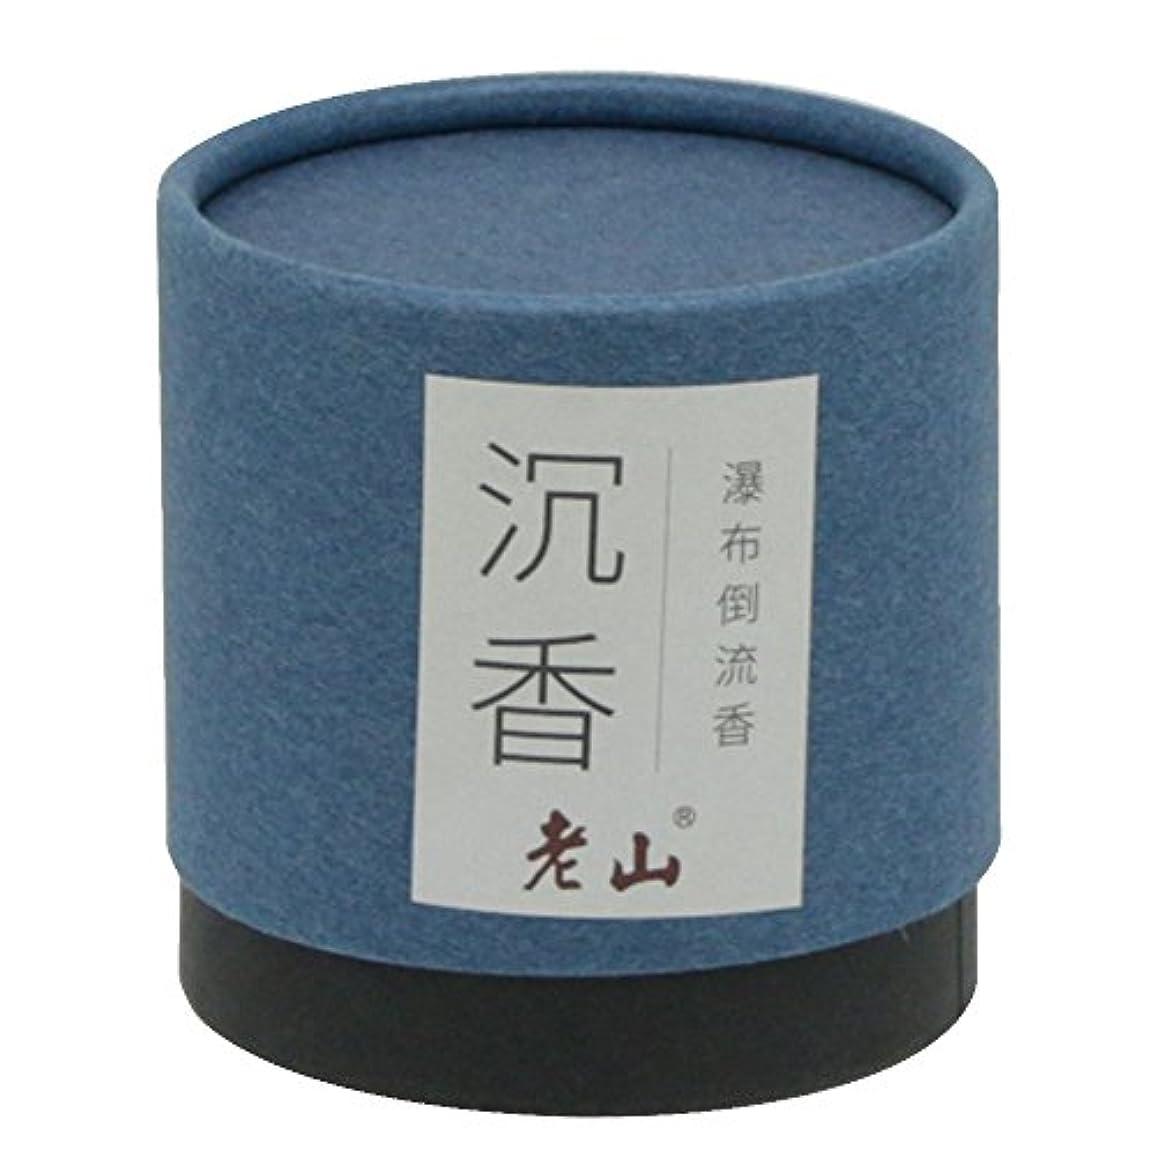 ロゴ尊敬する輪郭逆流円錐incense-100g自然Agarwood Cone Incense Waterfall Incense Backflow Incense